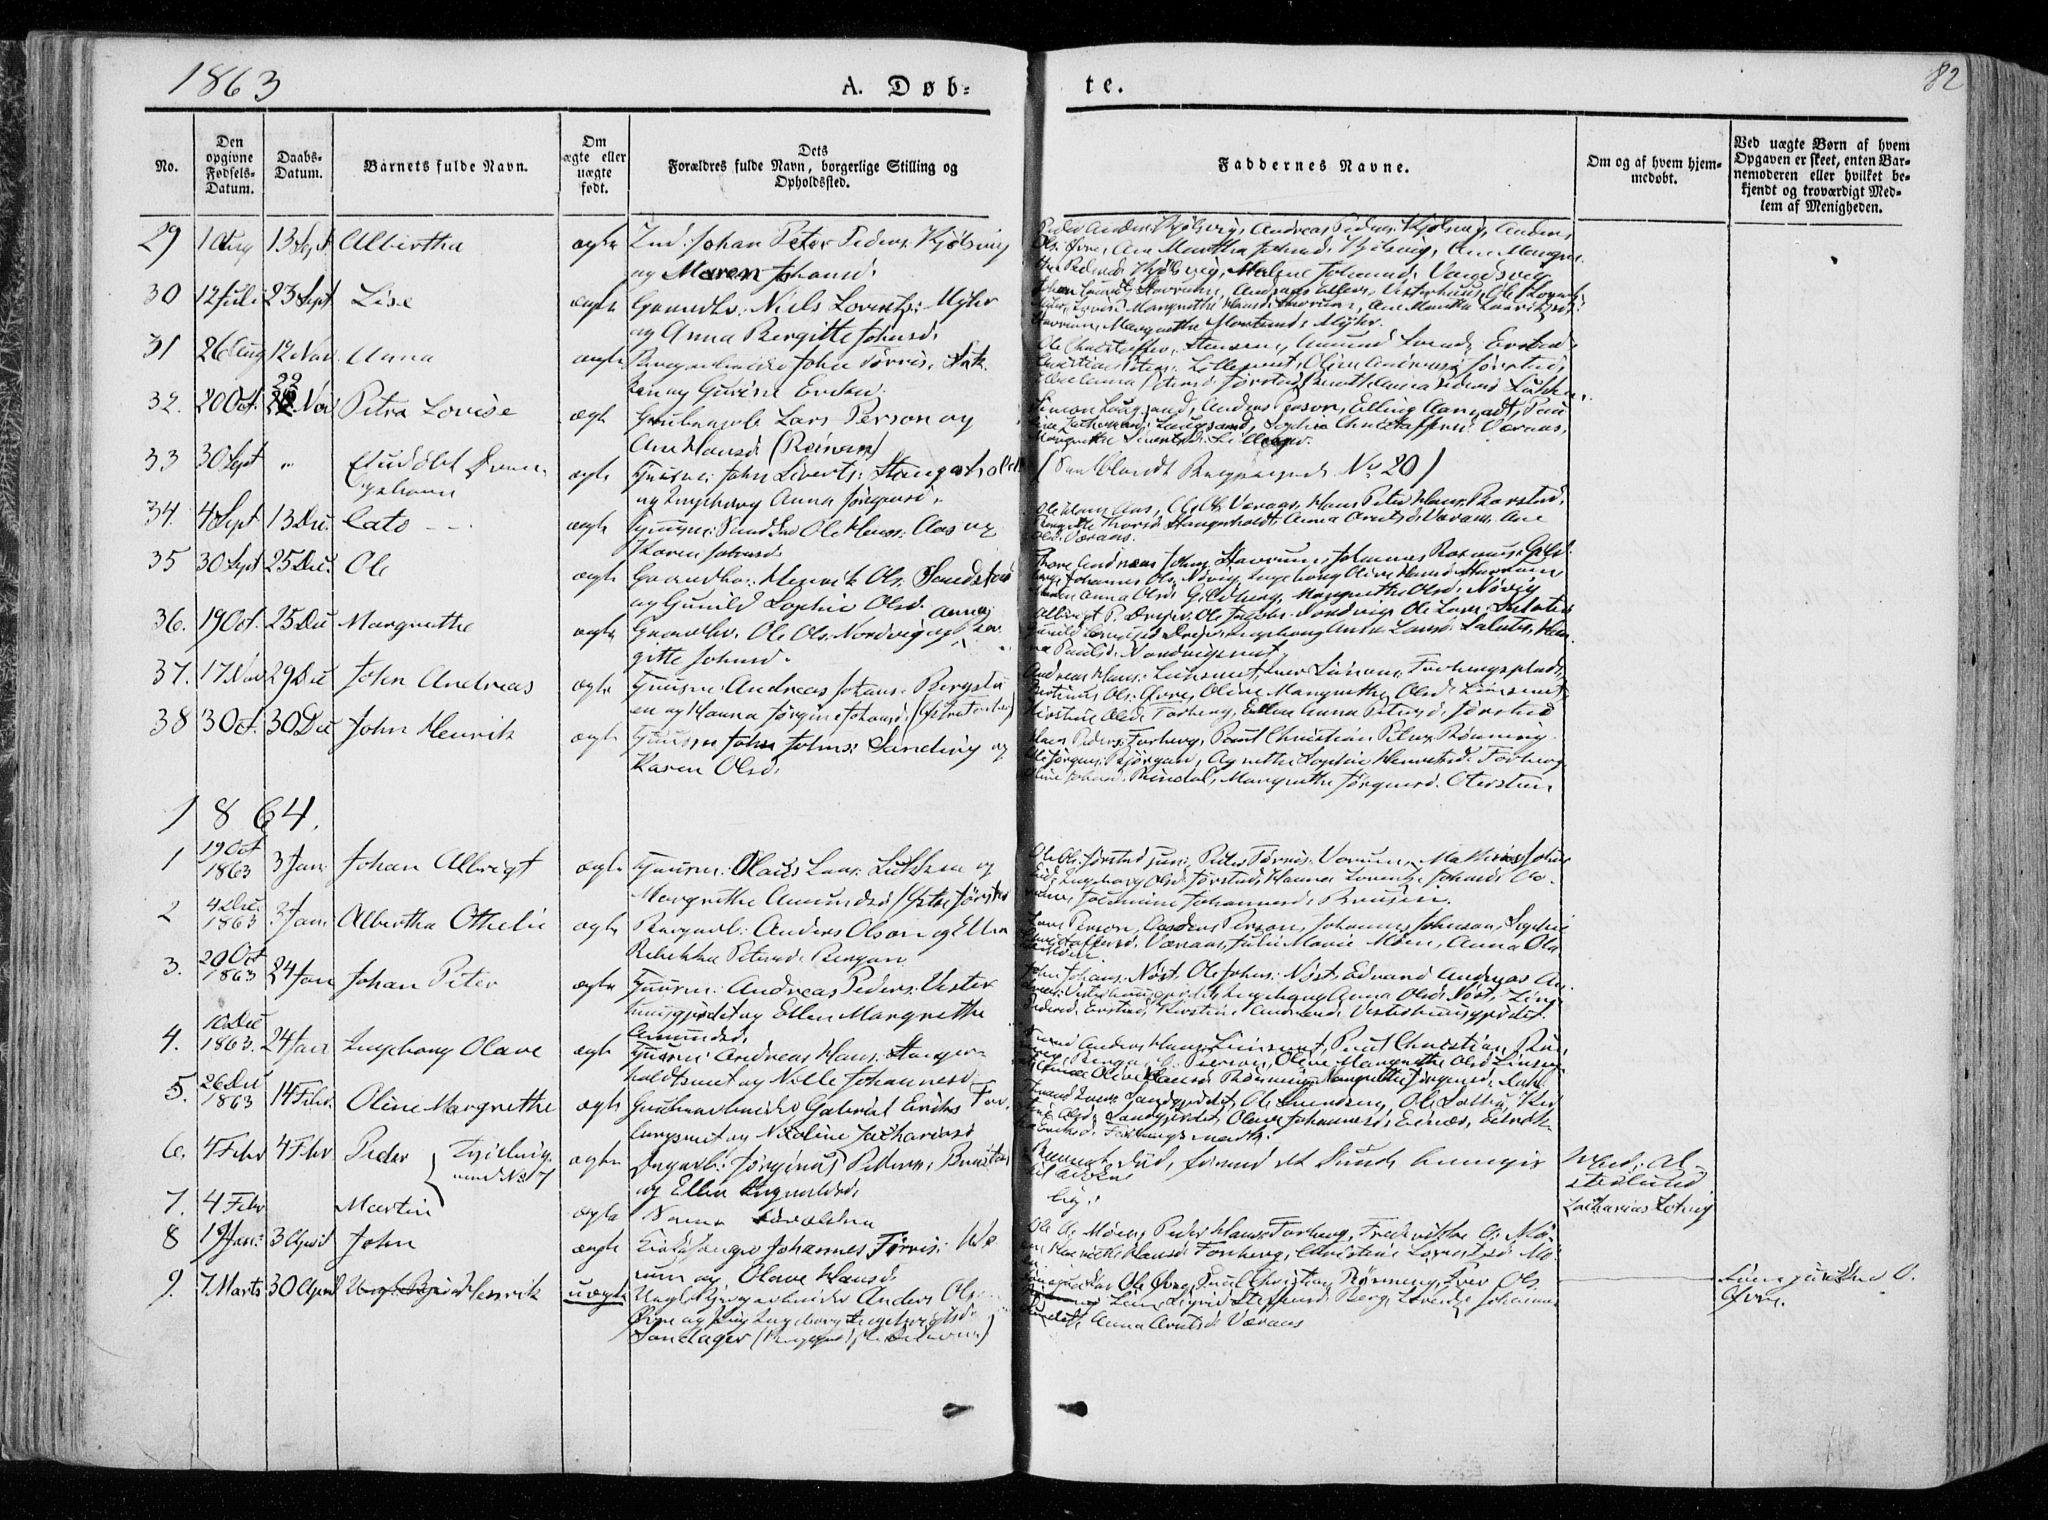 SAT, Ministerialprotokoller, klokkerbøker og fødselsregistre - Nord-Trøndelag, 722/L0218: Ministerialbok nr. 722A05, 1843-1868, s. 82